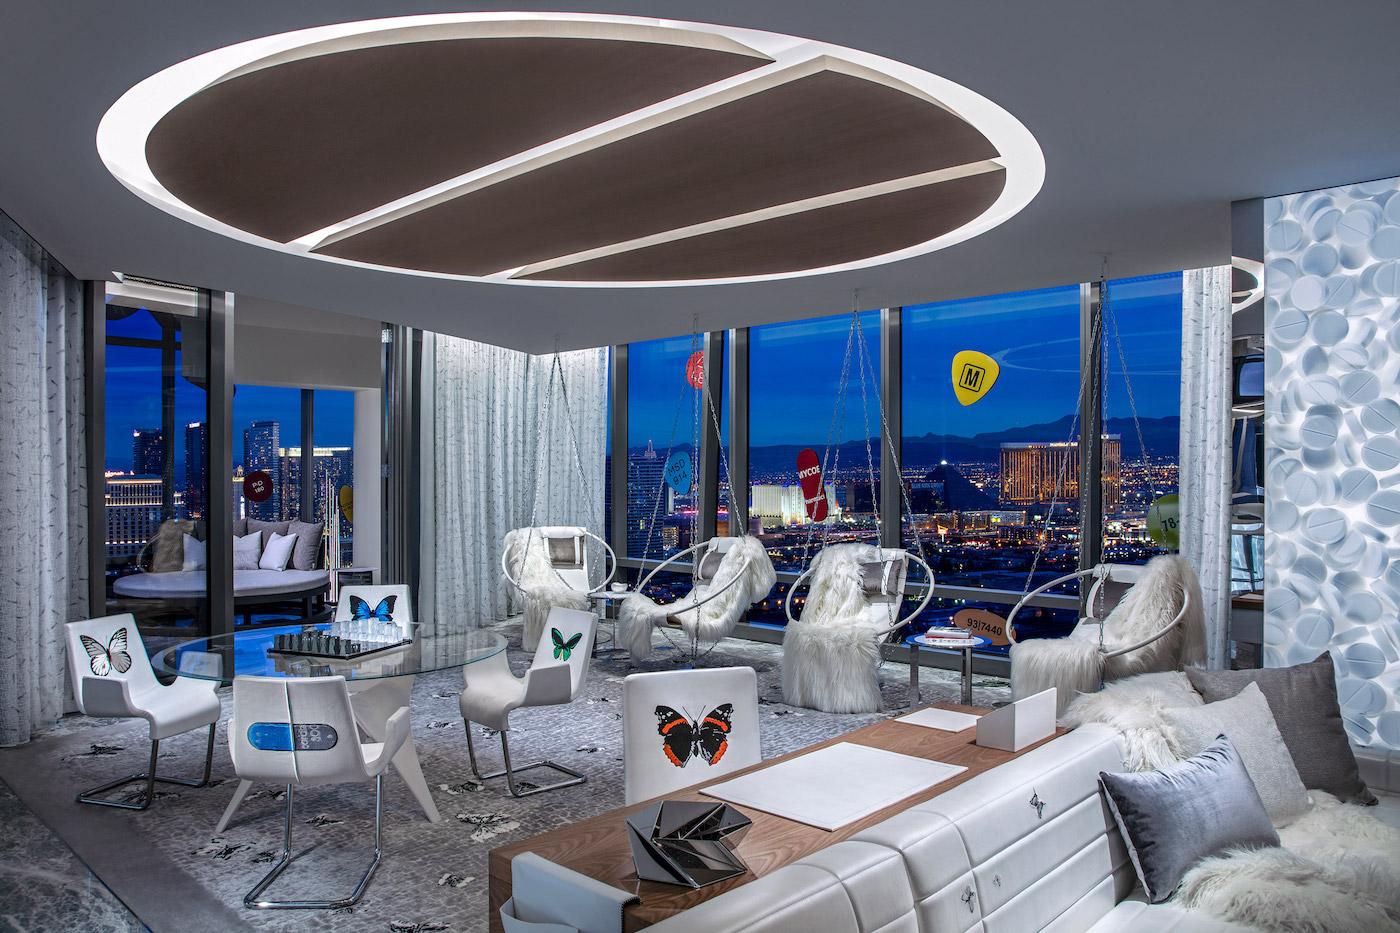 80.000 Dollar pro Nacht: Ein Blick in das teuerste Hotelzimmer der Welt 10